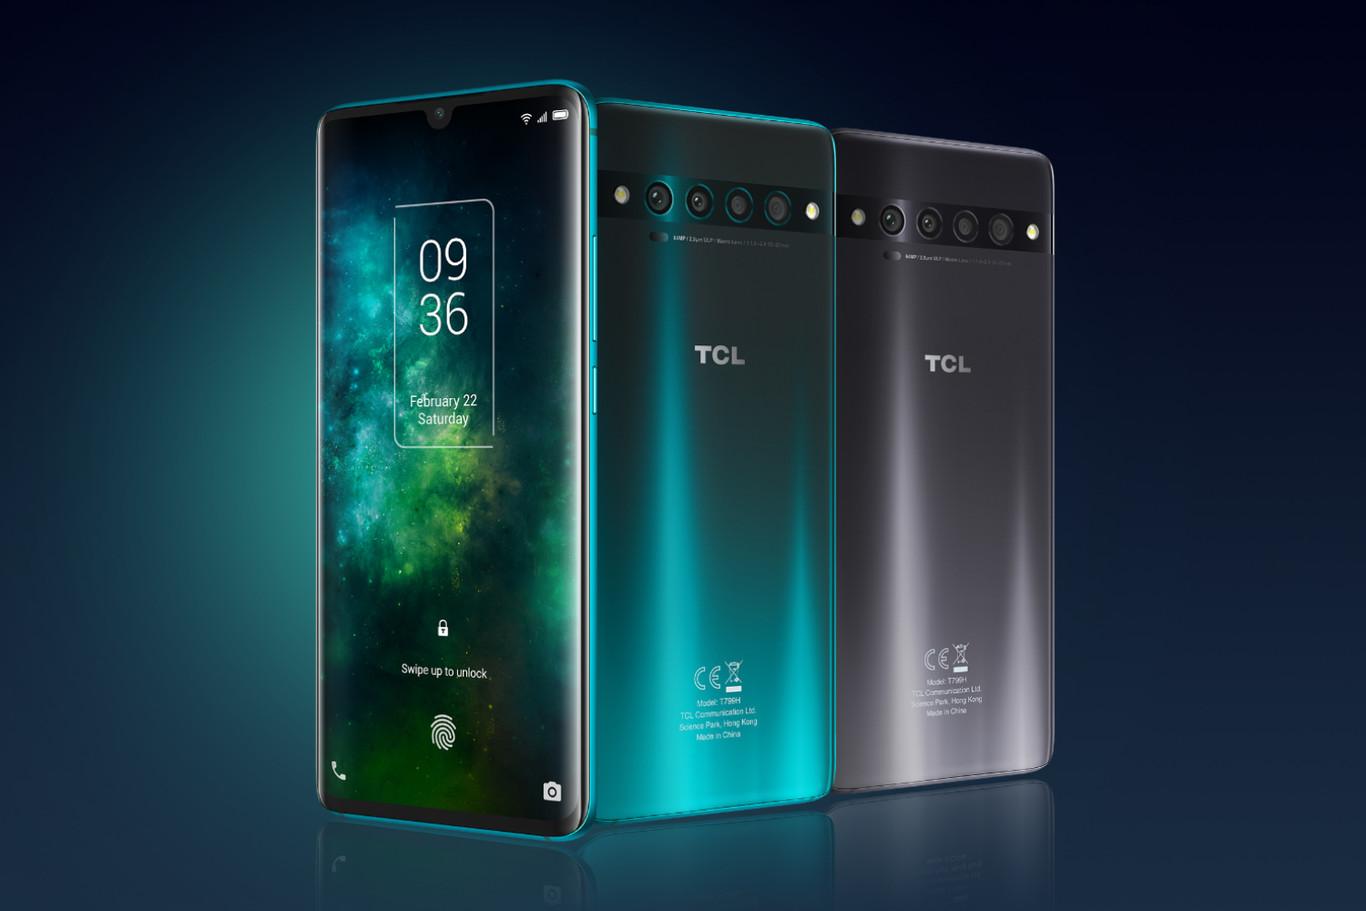 Nuevo TCL 10 L, TCL 10 Pro y TCL 10 5G, características, precio y ficha técnica